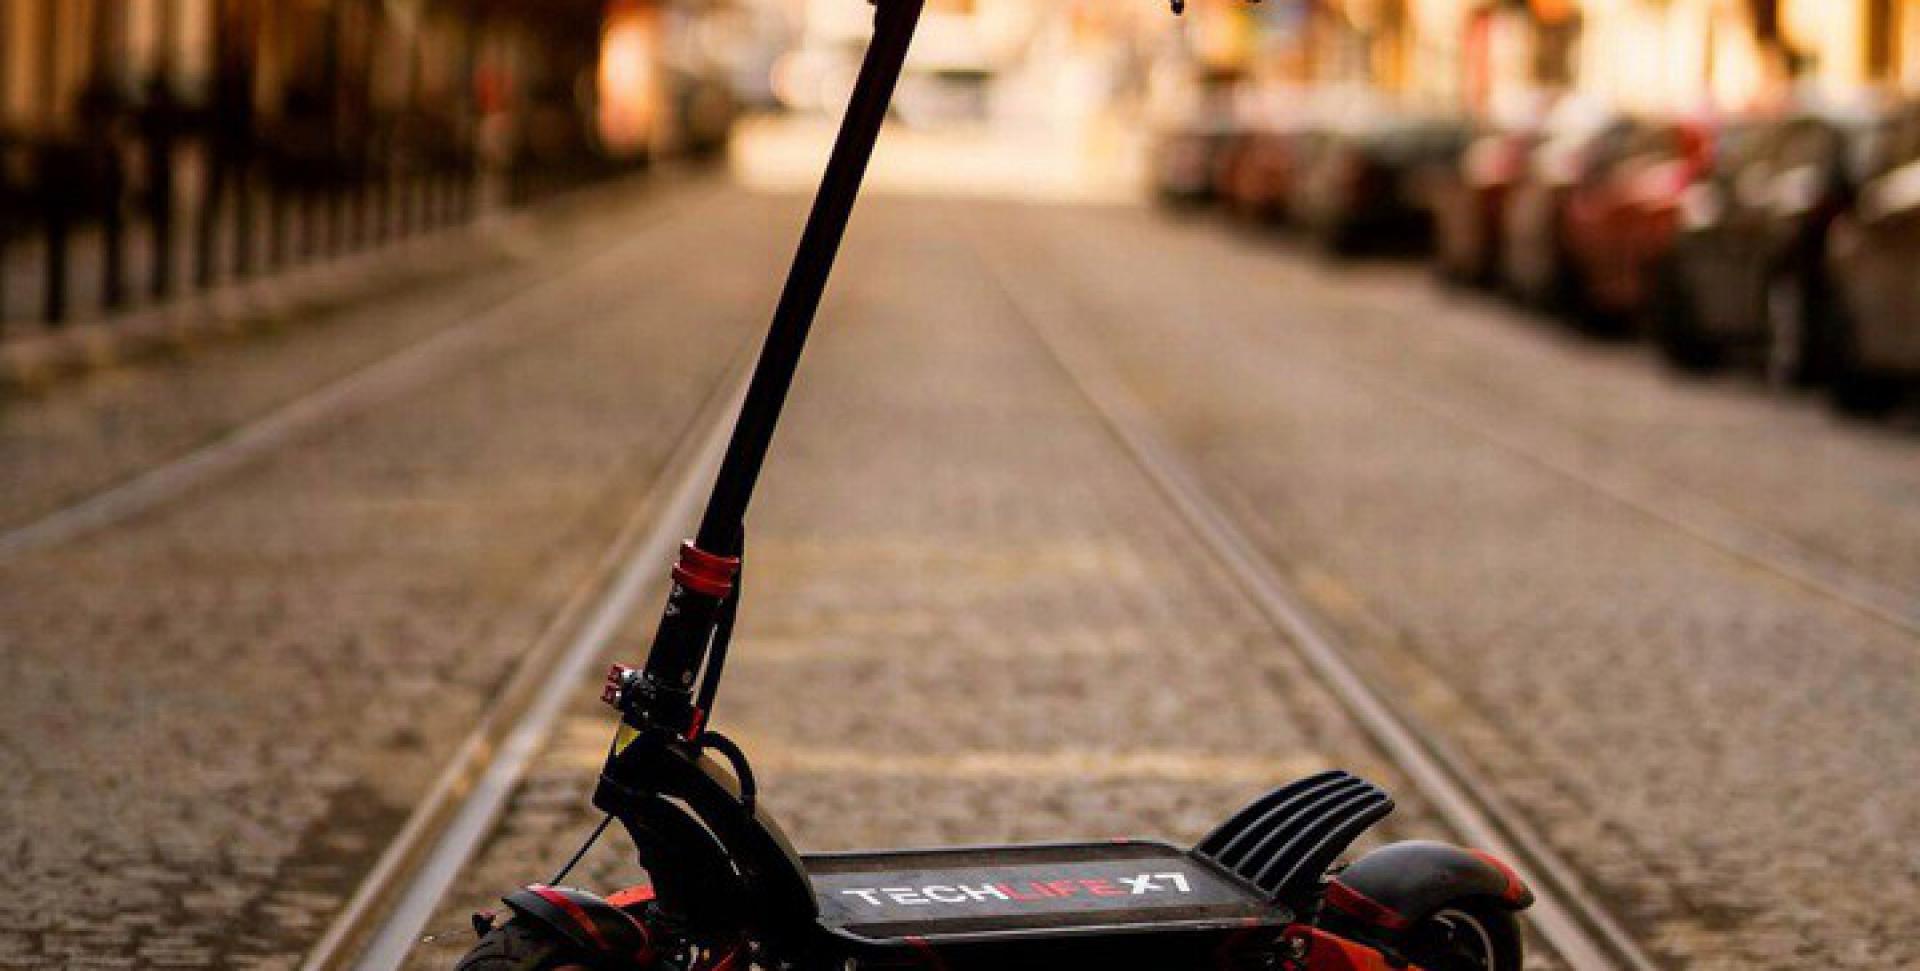 Hulajnoga-elektryczna-Techlife-X7-65km-h-70km-Cechy-dodatkowe-licznik-oswietlenie-pompowane-kola-predkosciomierz-skladana-stopka-tempomat-wodoodpornosc.jpg